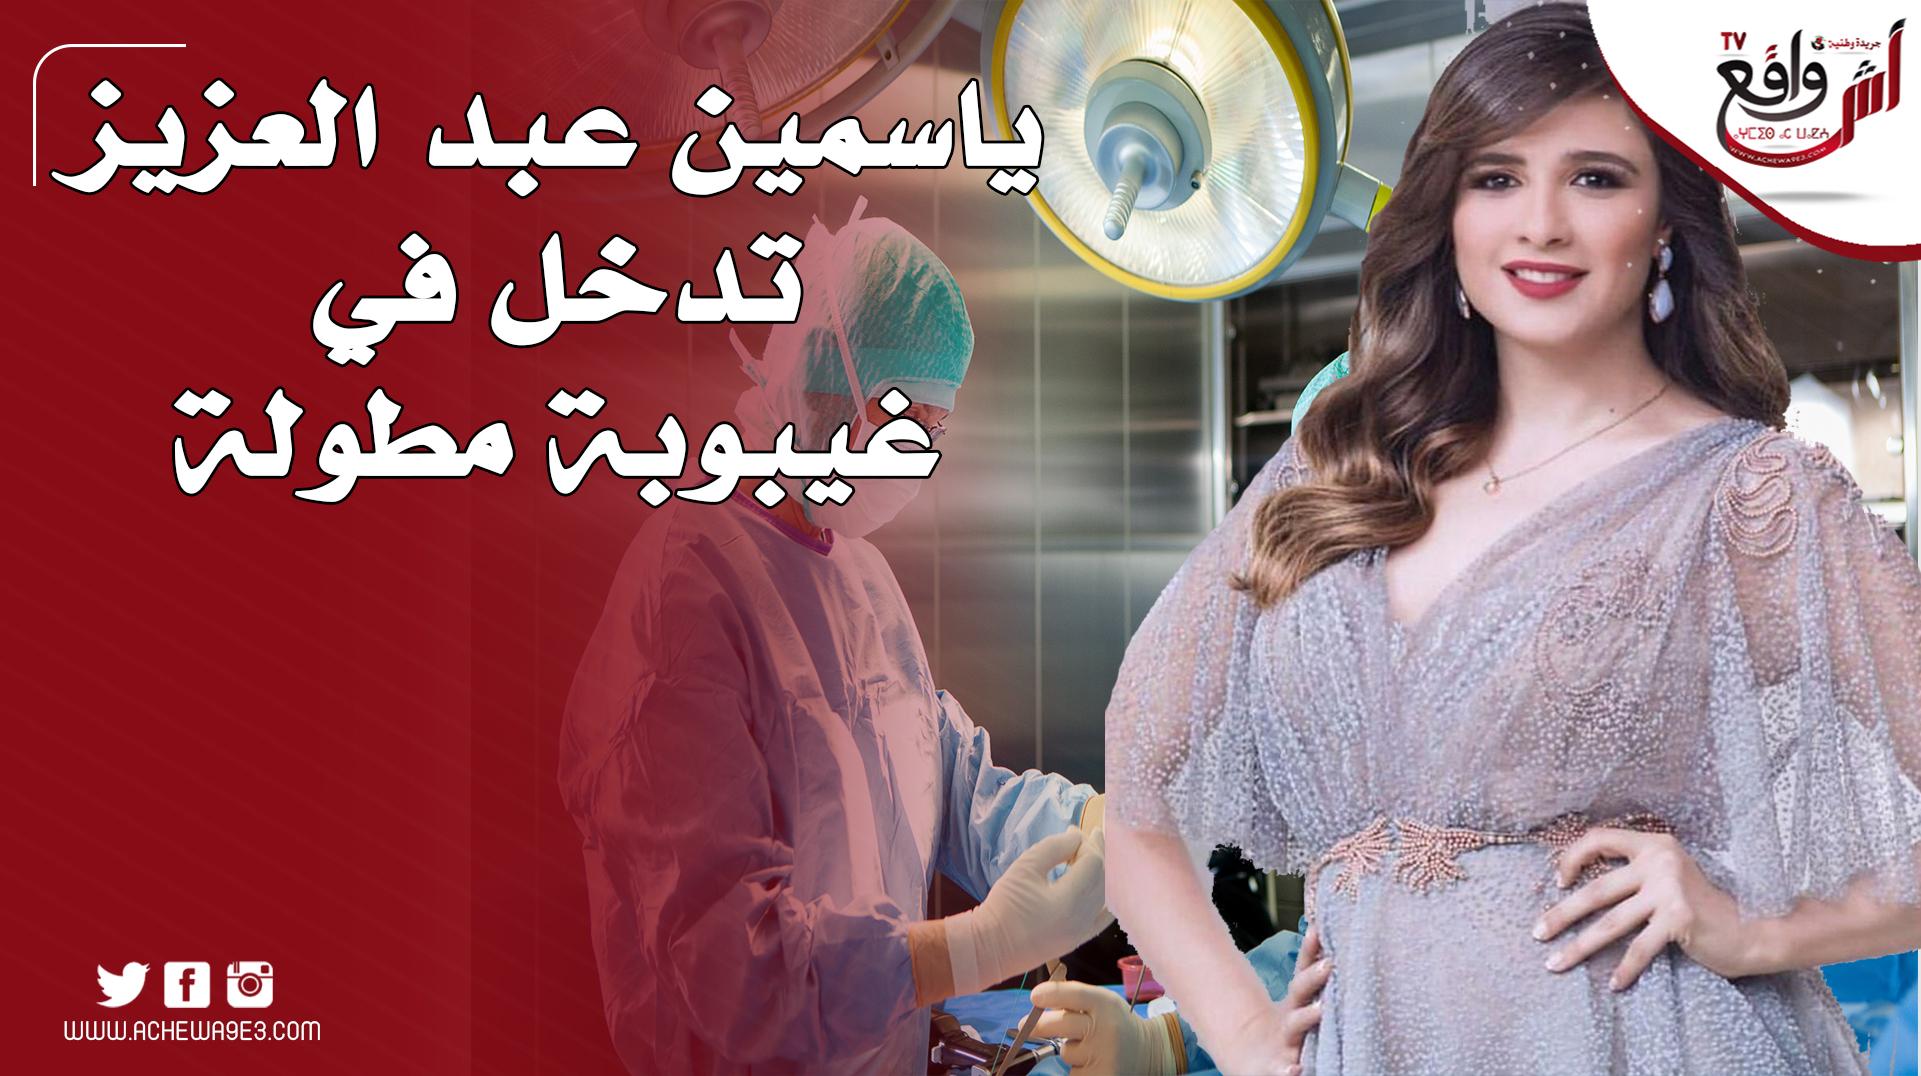 بسبب خطأ طبي ياسمين عبد العزيز تدخل في غيبوبة مطولة